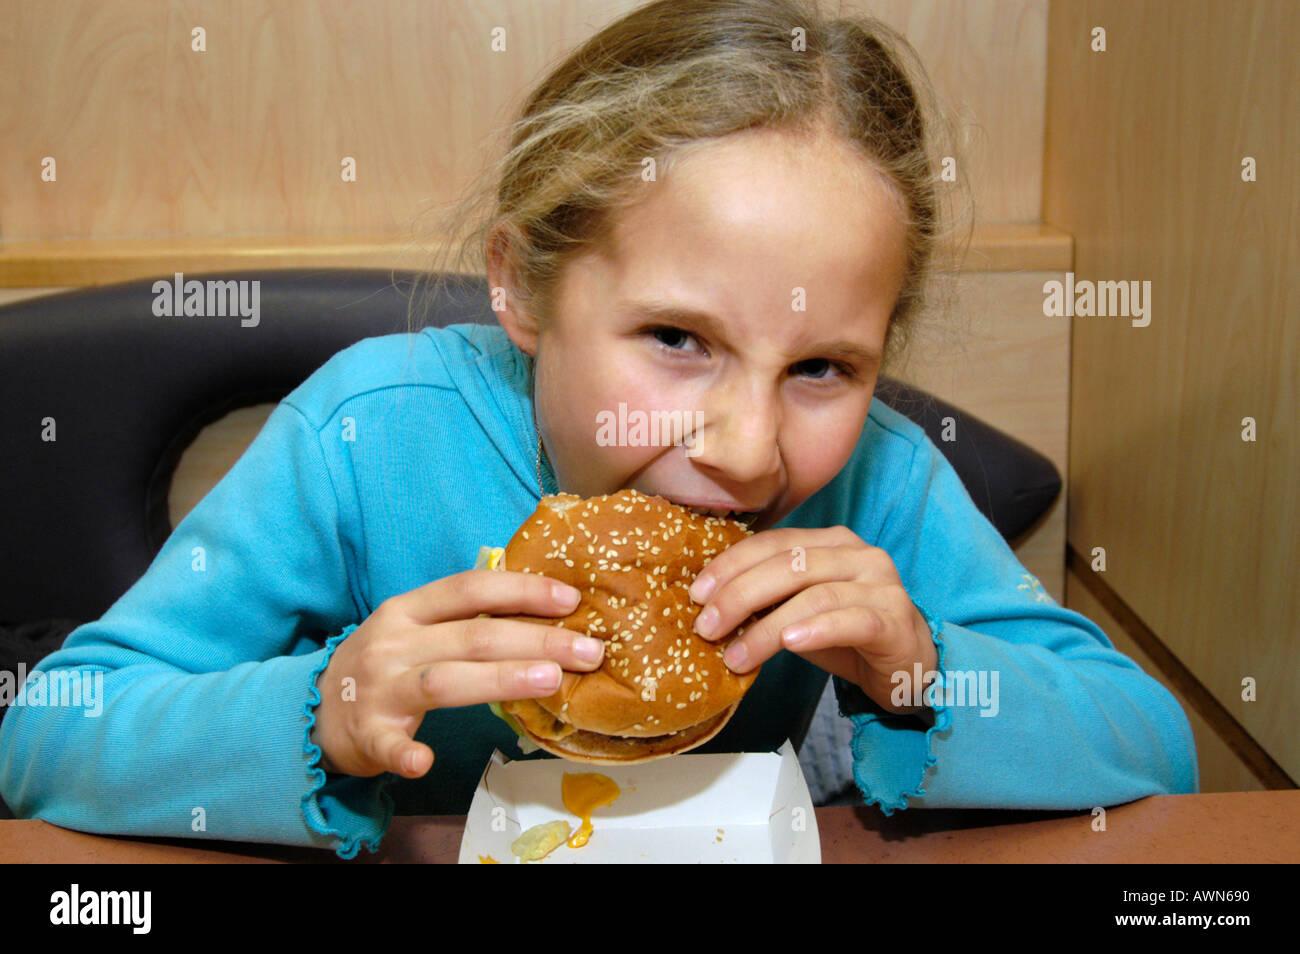 Child eating Mcdonald's Burger, UK - Stock Image